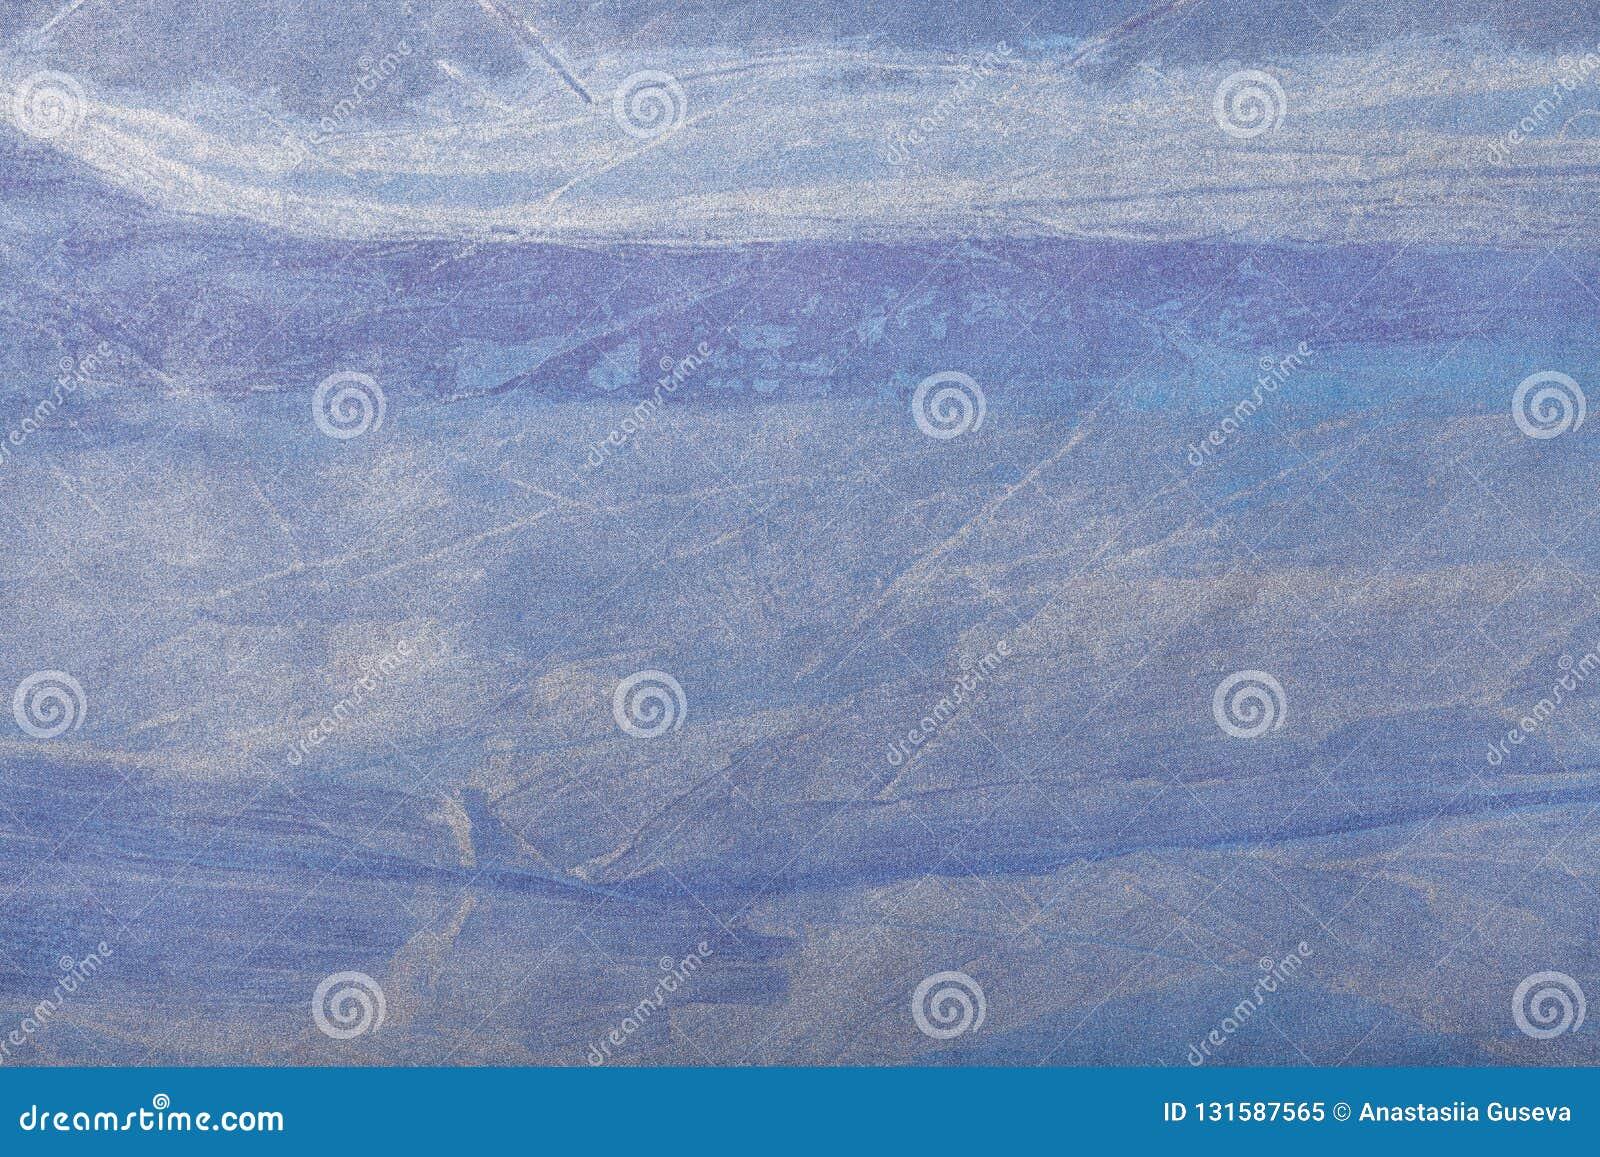 Hintergrund-Marineblau der abstrakten Kunst und silberne Farbe Mehrfarbenmalerei auf Segeltuch Fragment der Grafik Beschaffenheit